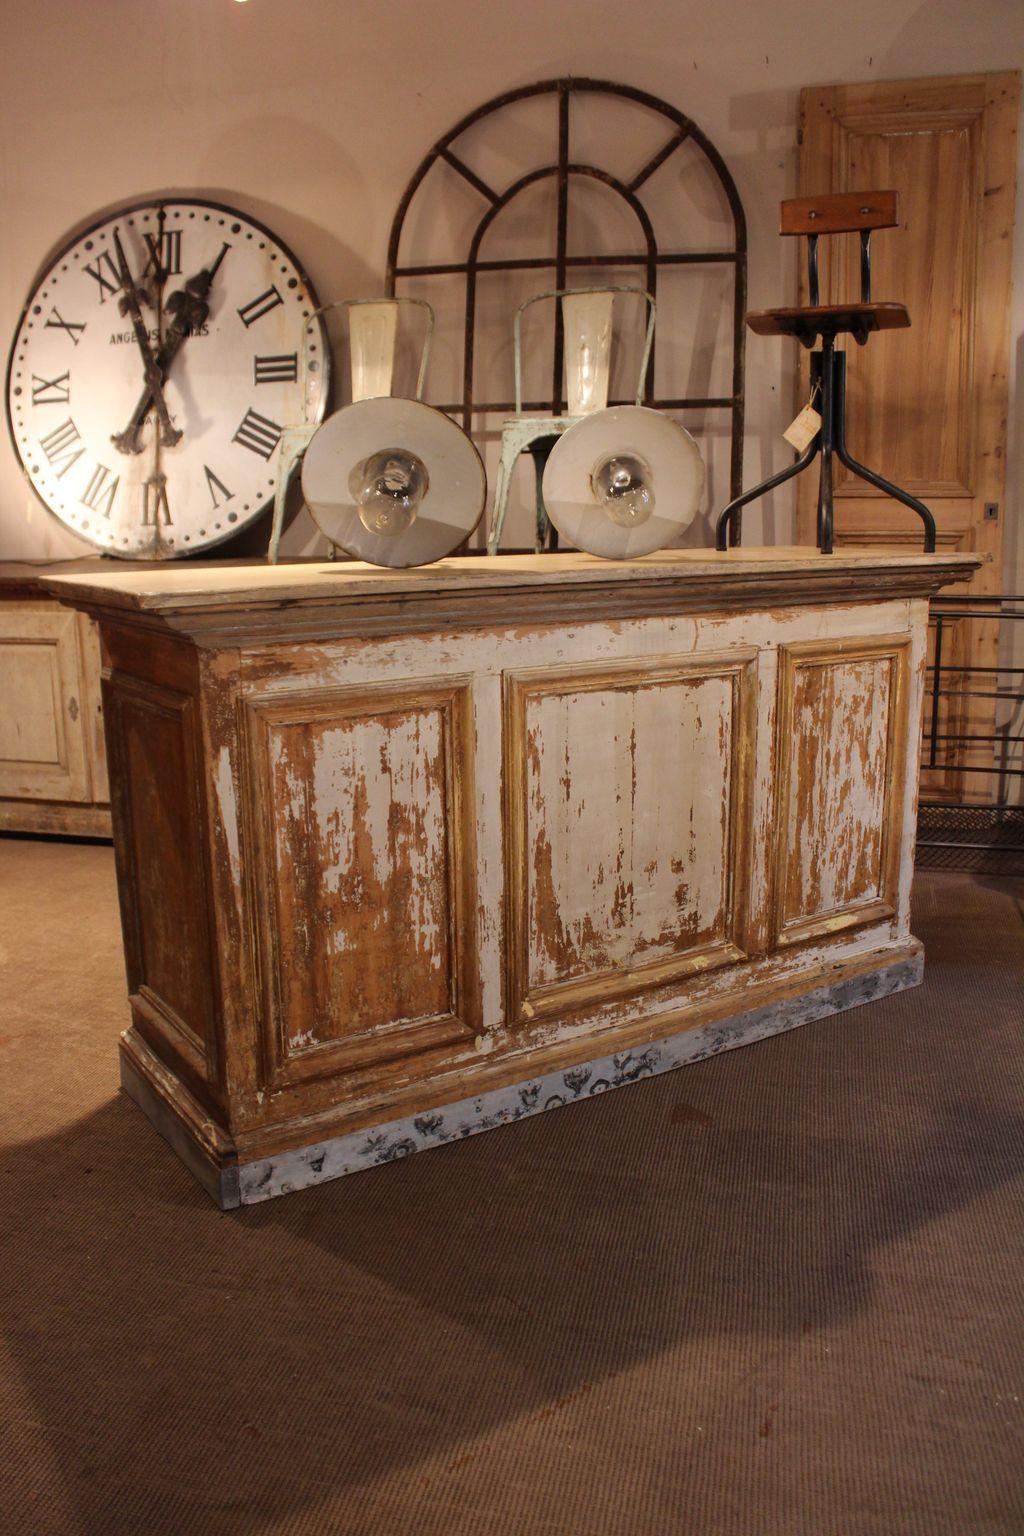 Mobilier industriel ancien comptoir de commerce ma - Deco meuble ancien ...